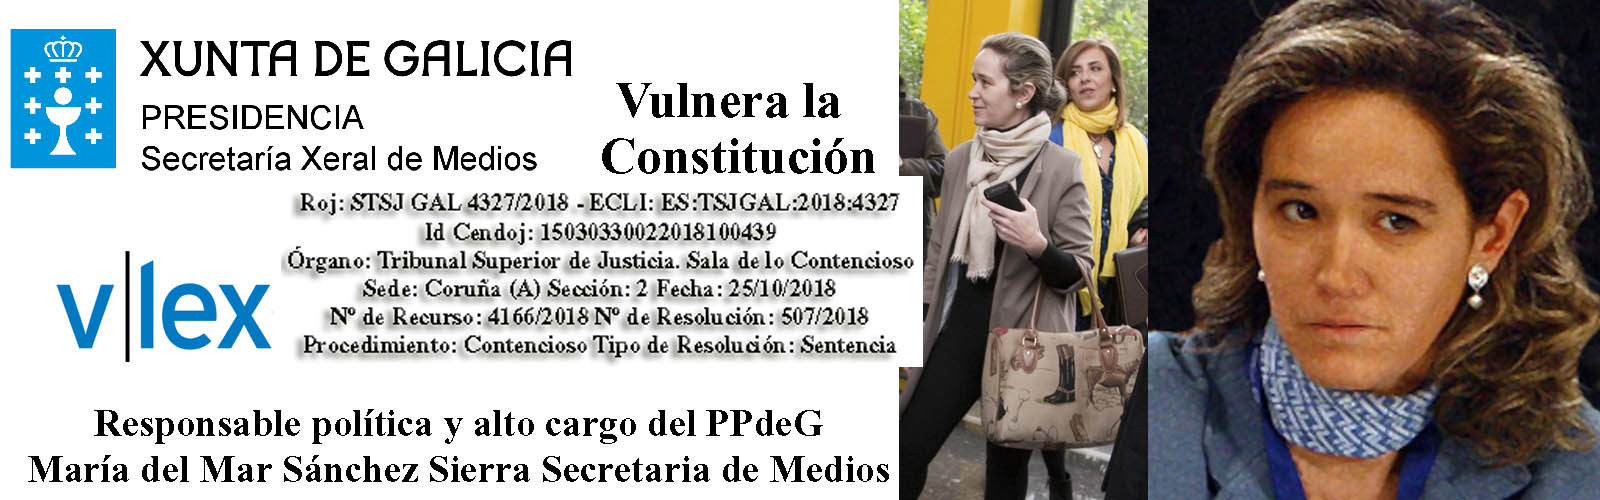 Mar Sánchez Sierra ( alto cargo del PPdeG ) muy activa en ...